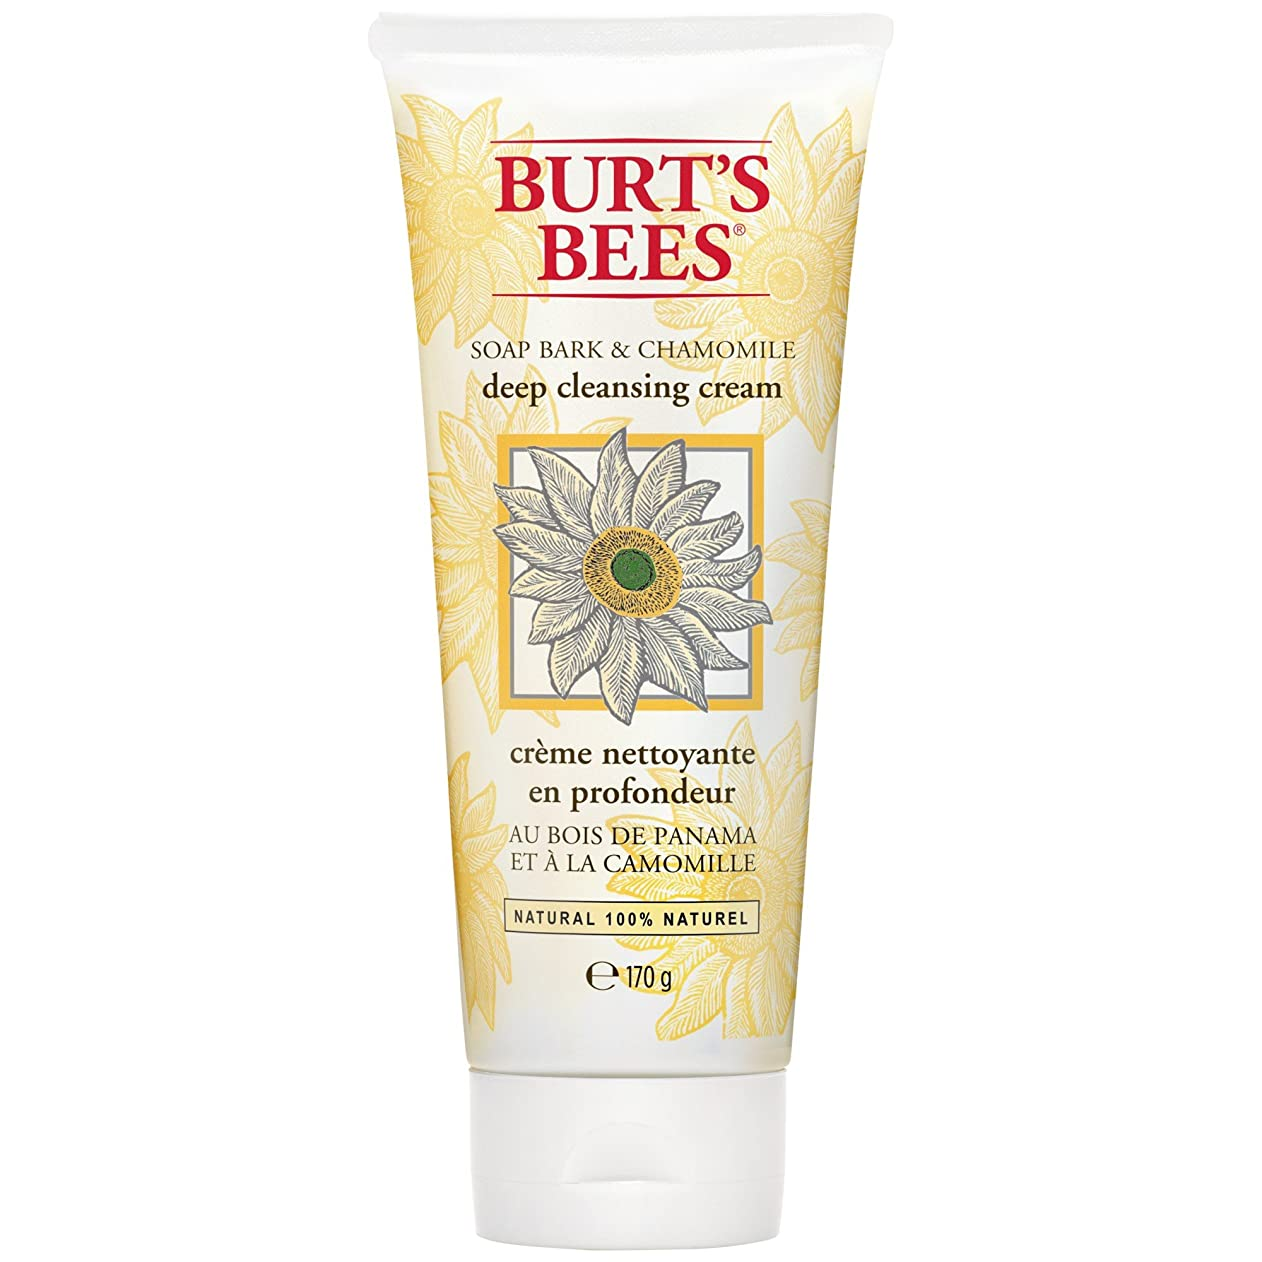 崖発見する農奴バートのBees?ソープバーク??&カモミールディープクレンジングクリーム170グラム (Burt's Bees) (x6) - Burt's Bees? Soap Bark & Chamomile Deep Cleansing Cream 170g (Pack of 6) [並行輸入品]